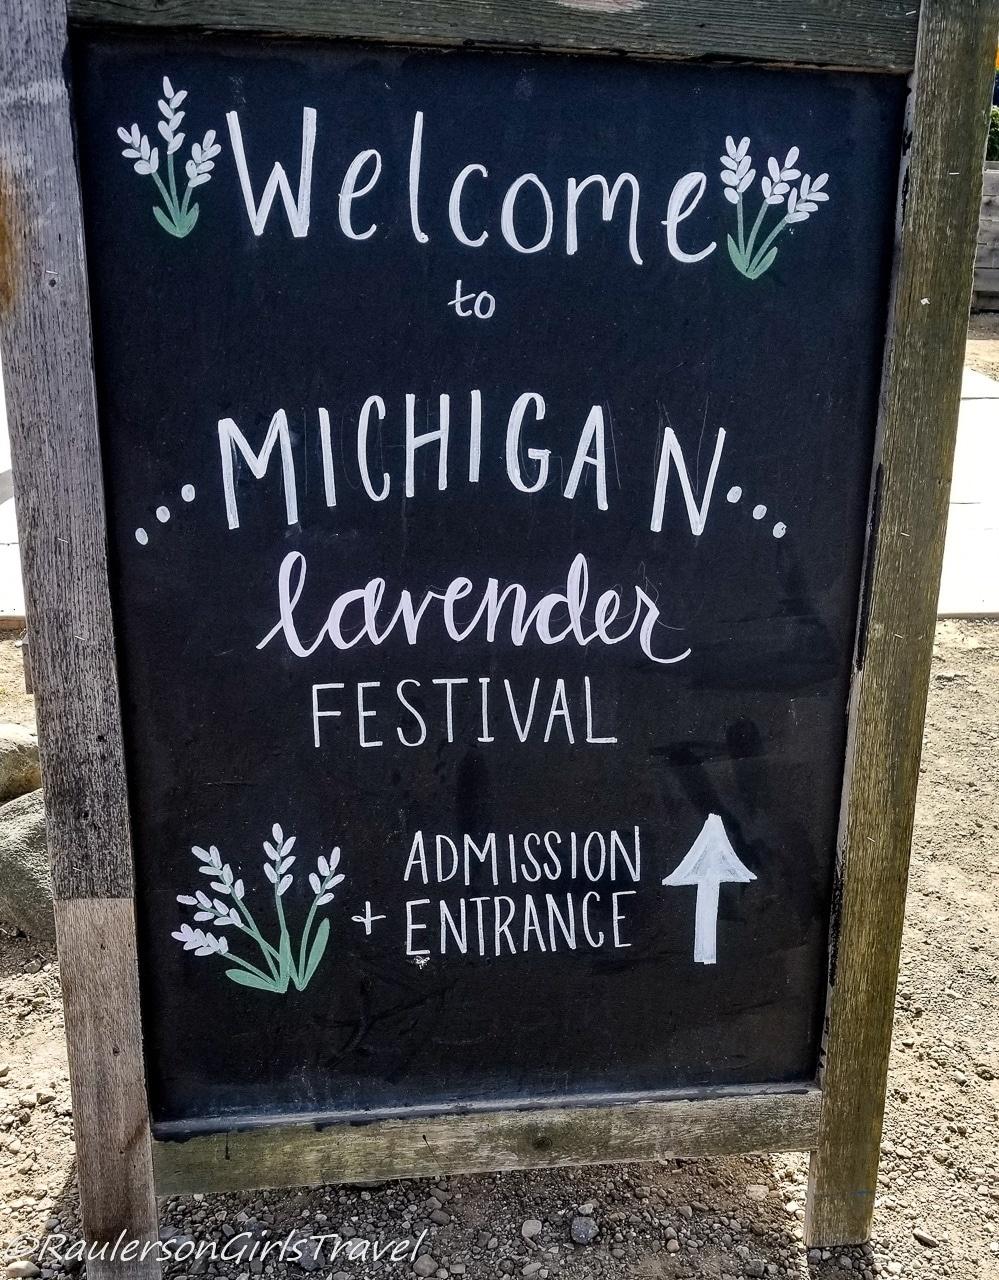 Michigan Lavender Festival sign